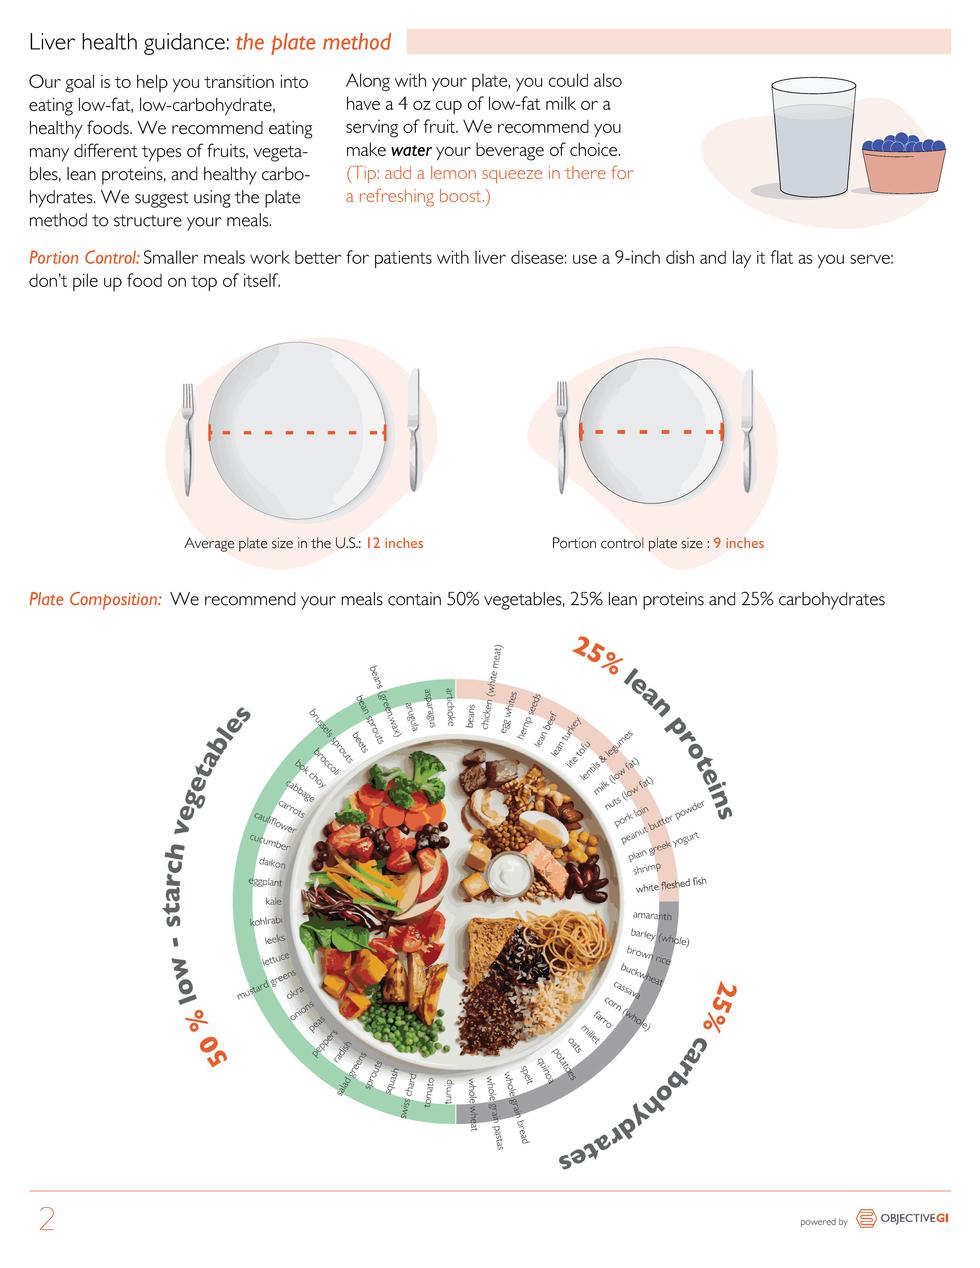 Liver Wellness Guide 2